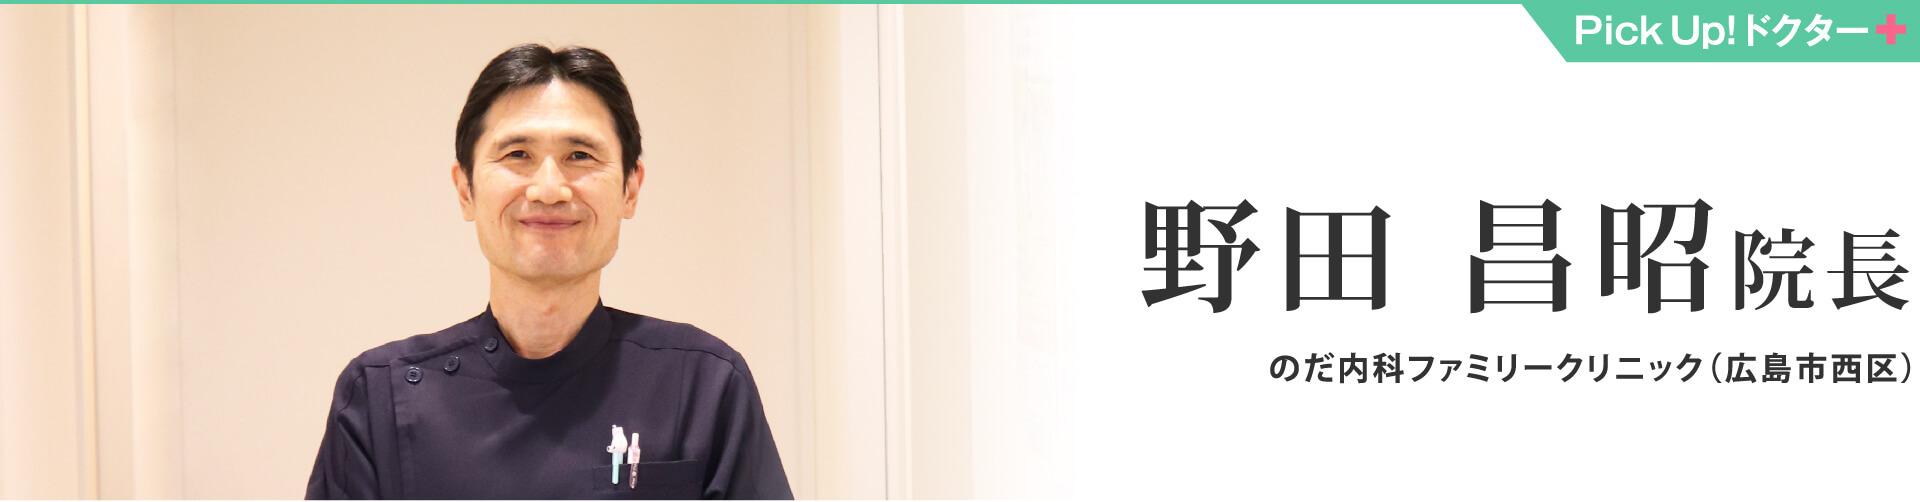 野田 昌昭院長 のだ内科ファミリークリニック(広島市西区)